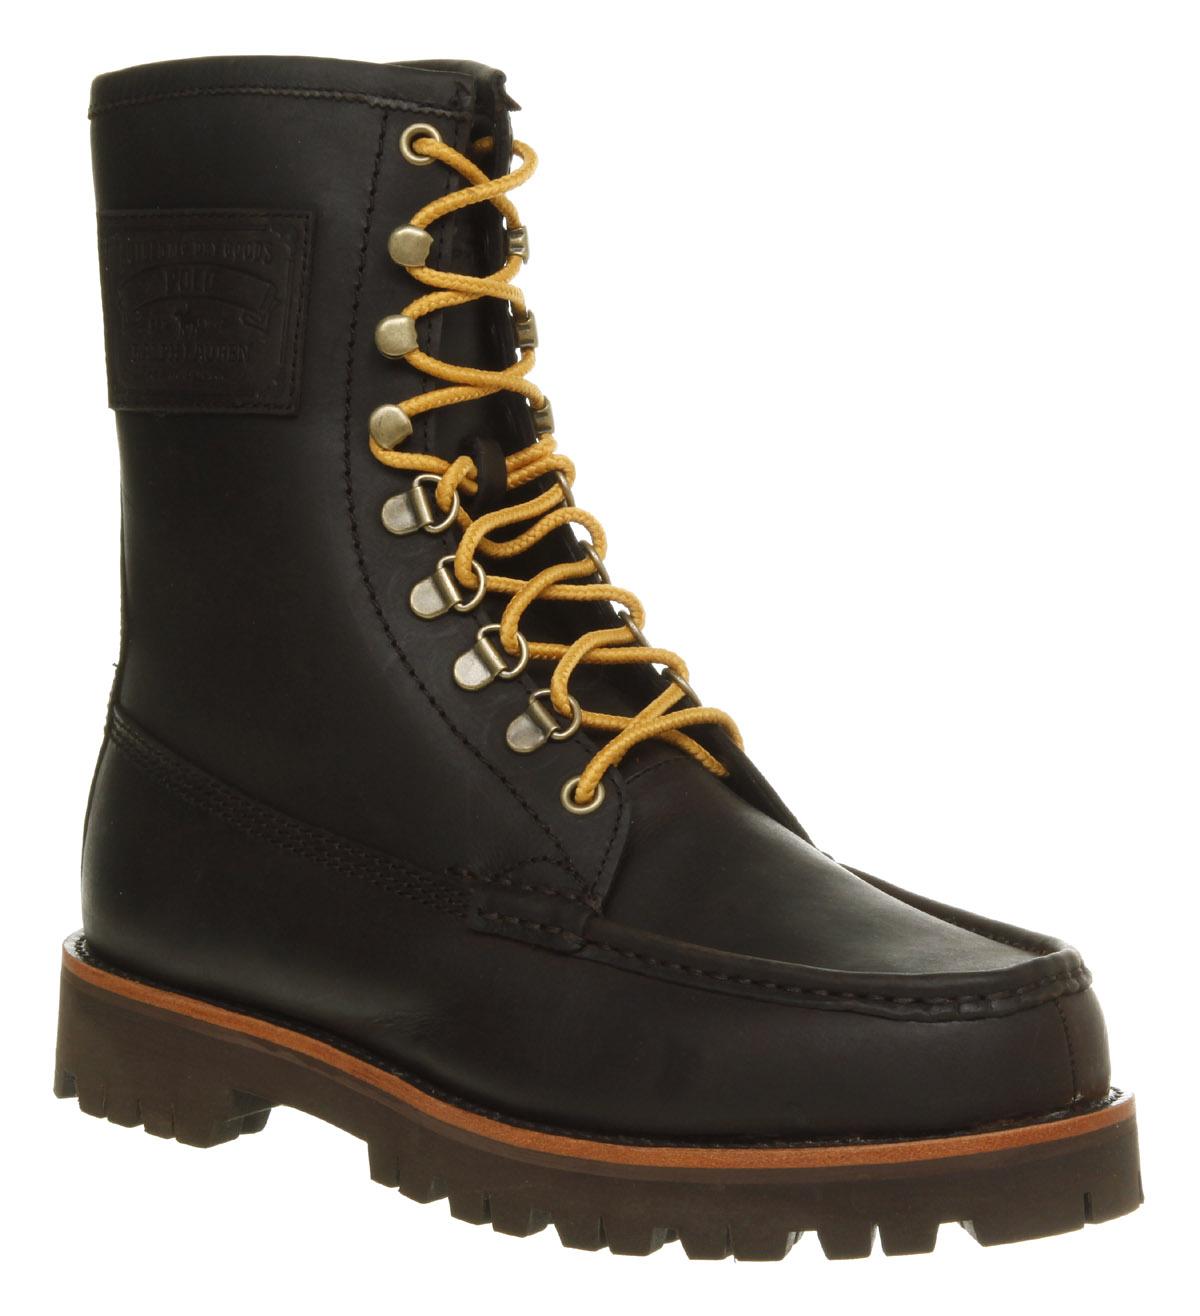 Ebay Uk Ralph Lauren Shoes